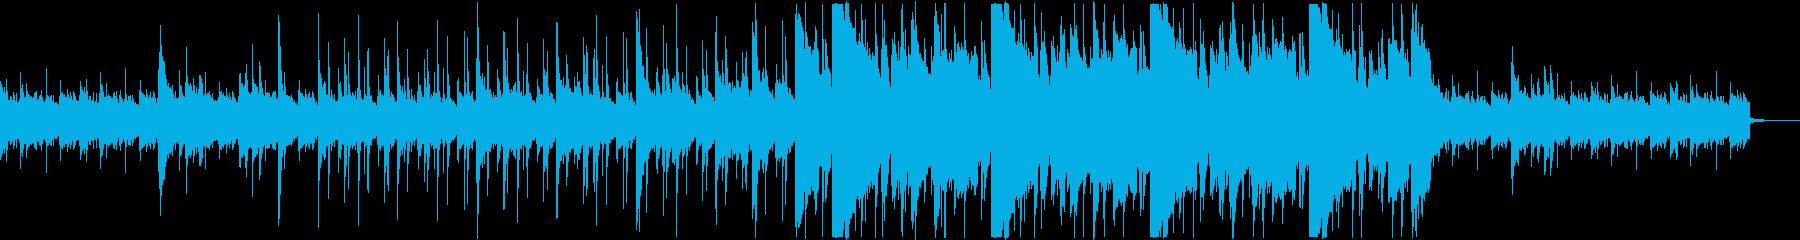 アコギが爽やかなCM向けアコースティックの再生済みの波形